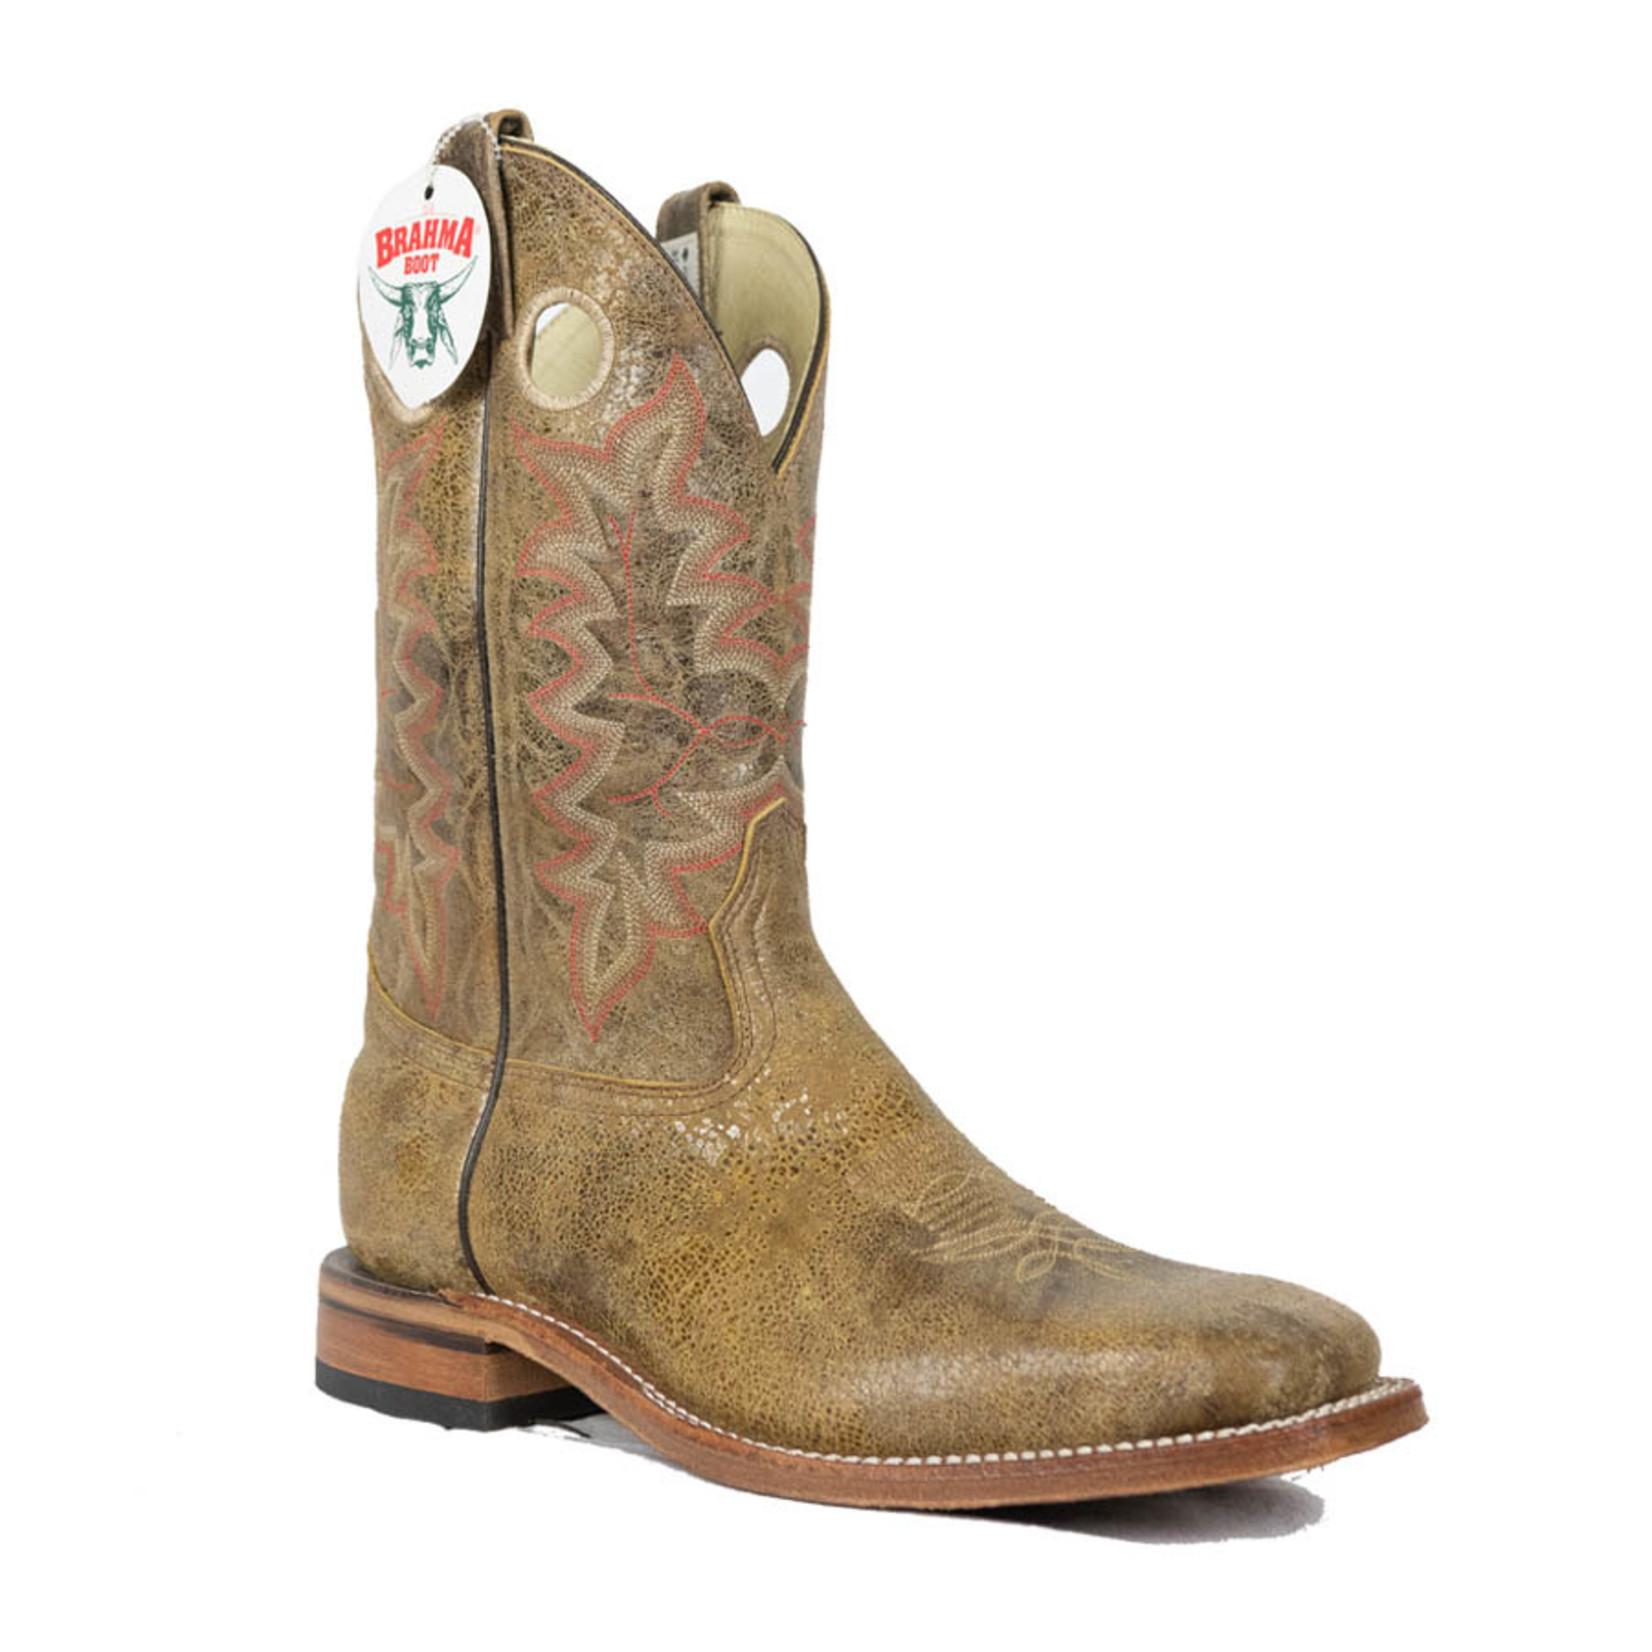 Brahma Canada West Brahma Men's Cowboy Boot 8082 11.5 2E